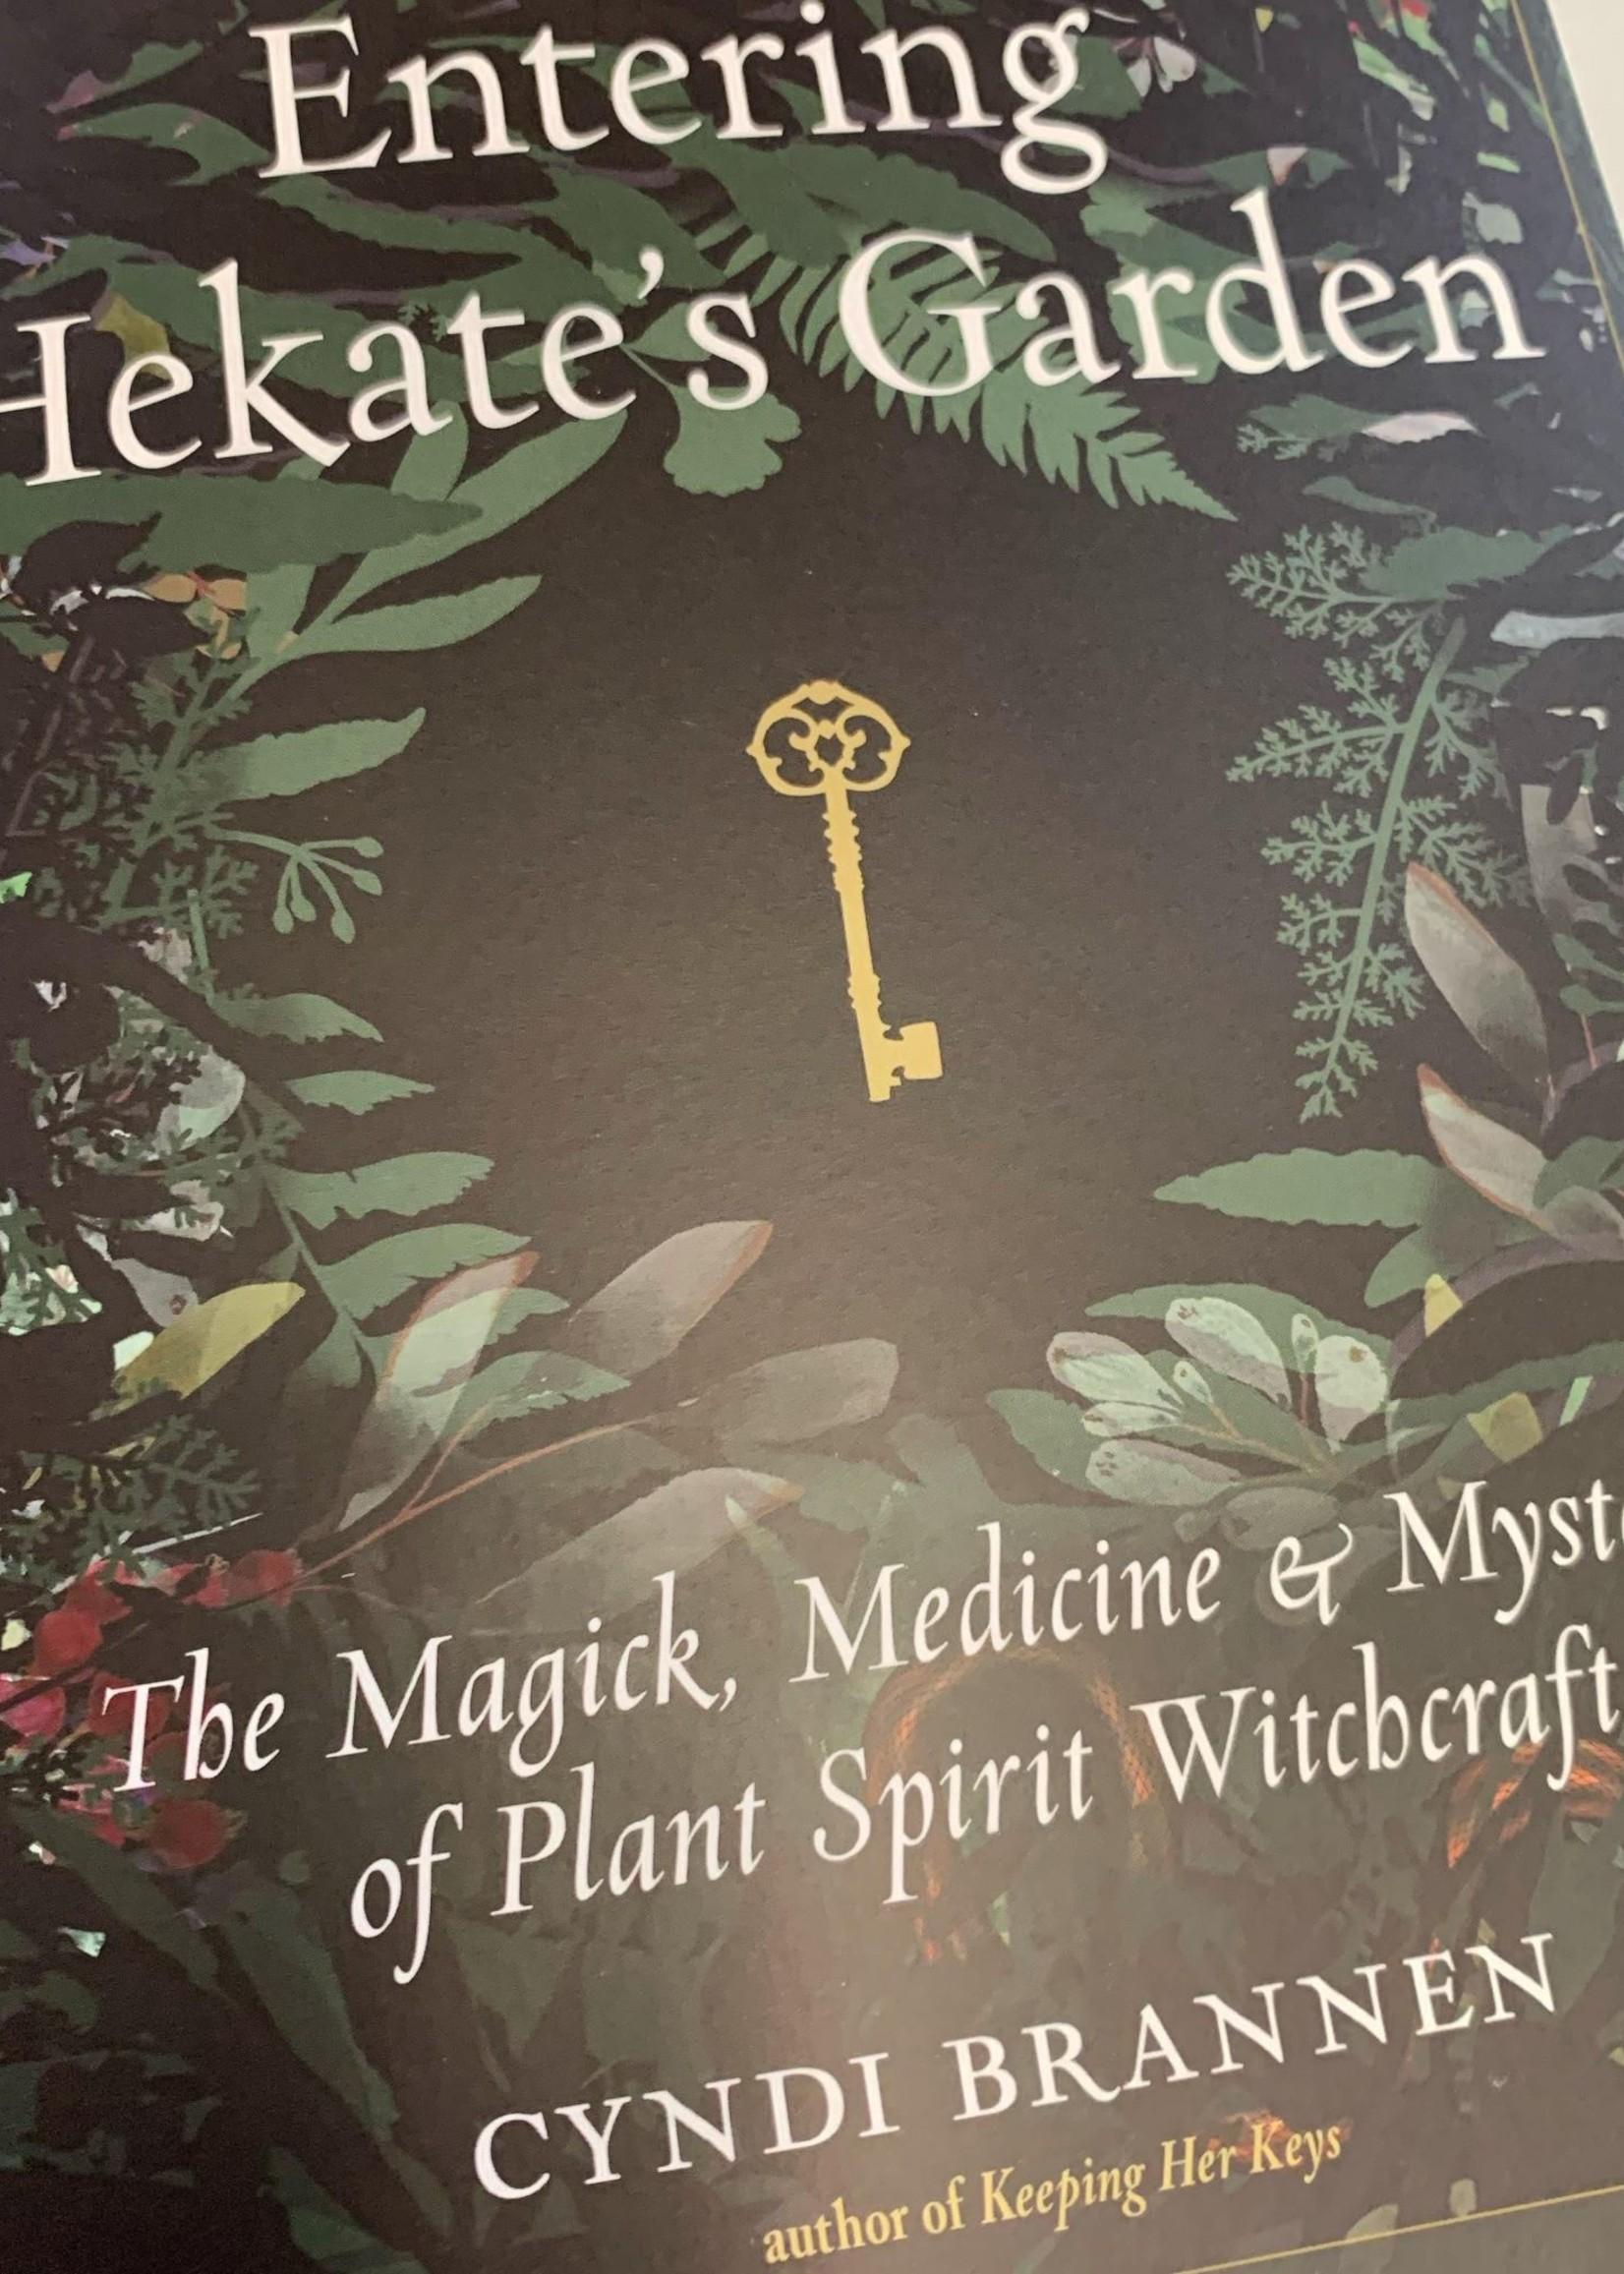 Entering Hekate's Garden The Magick, Medicine & Mystery of Plant Spirit Witchcraft - Cyndi Brannen